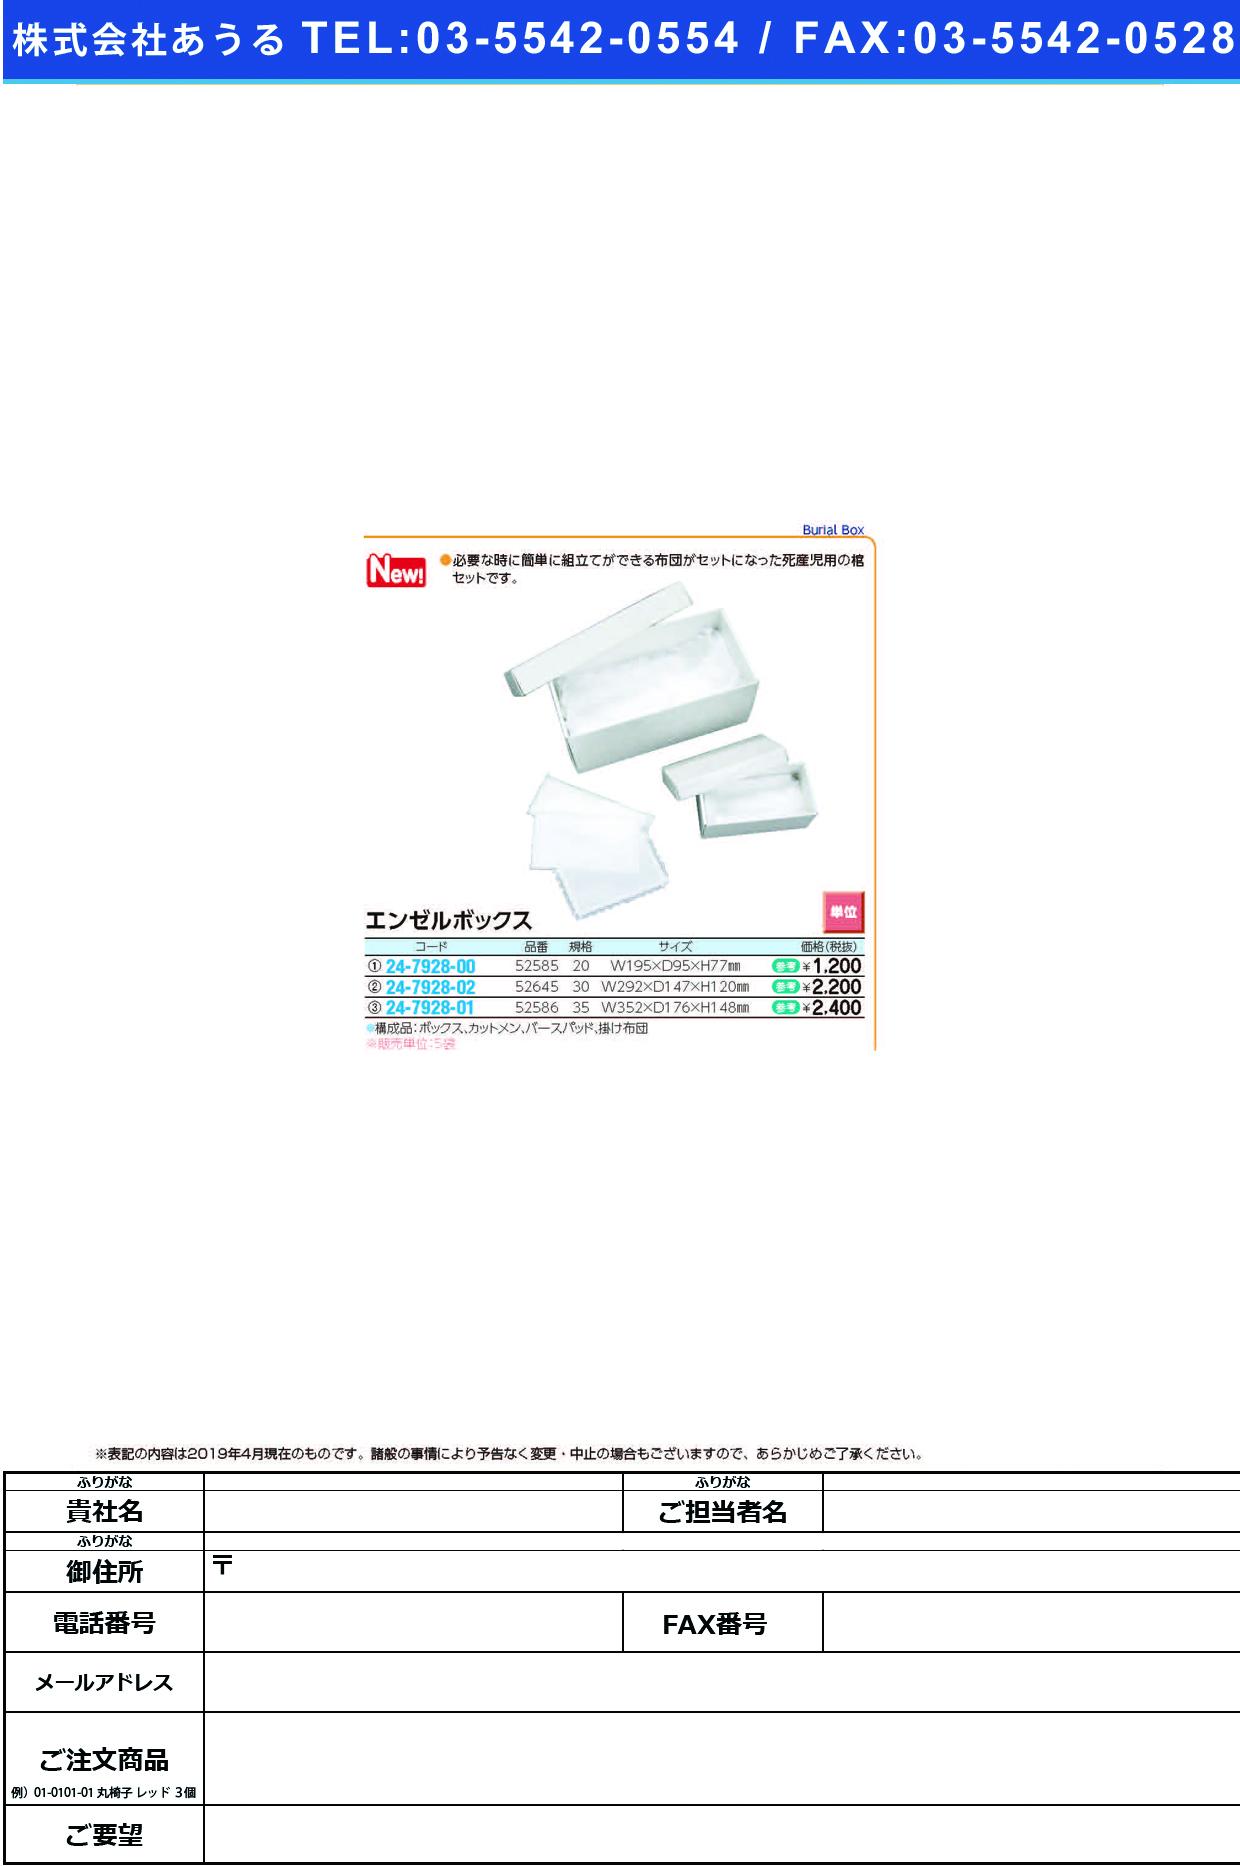 (24-7928-00)エンゼルボックス2052585 エンゼルボックス20(オオサキメディカル)【1袋単位】【2019年カタログ商品】